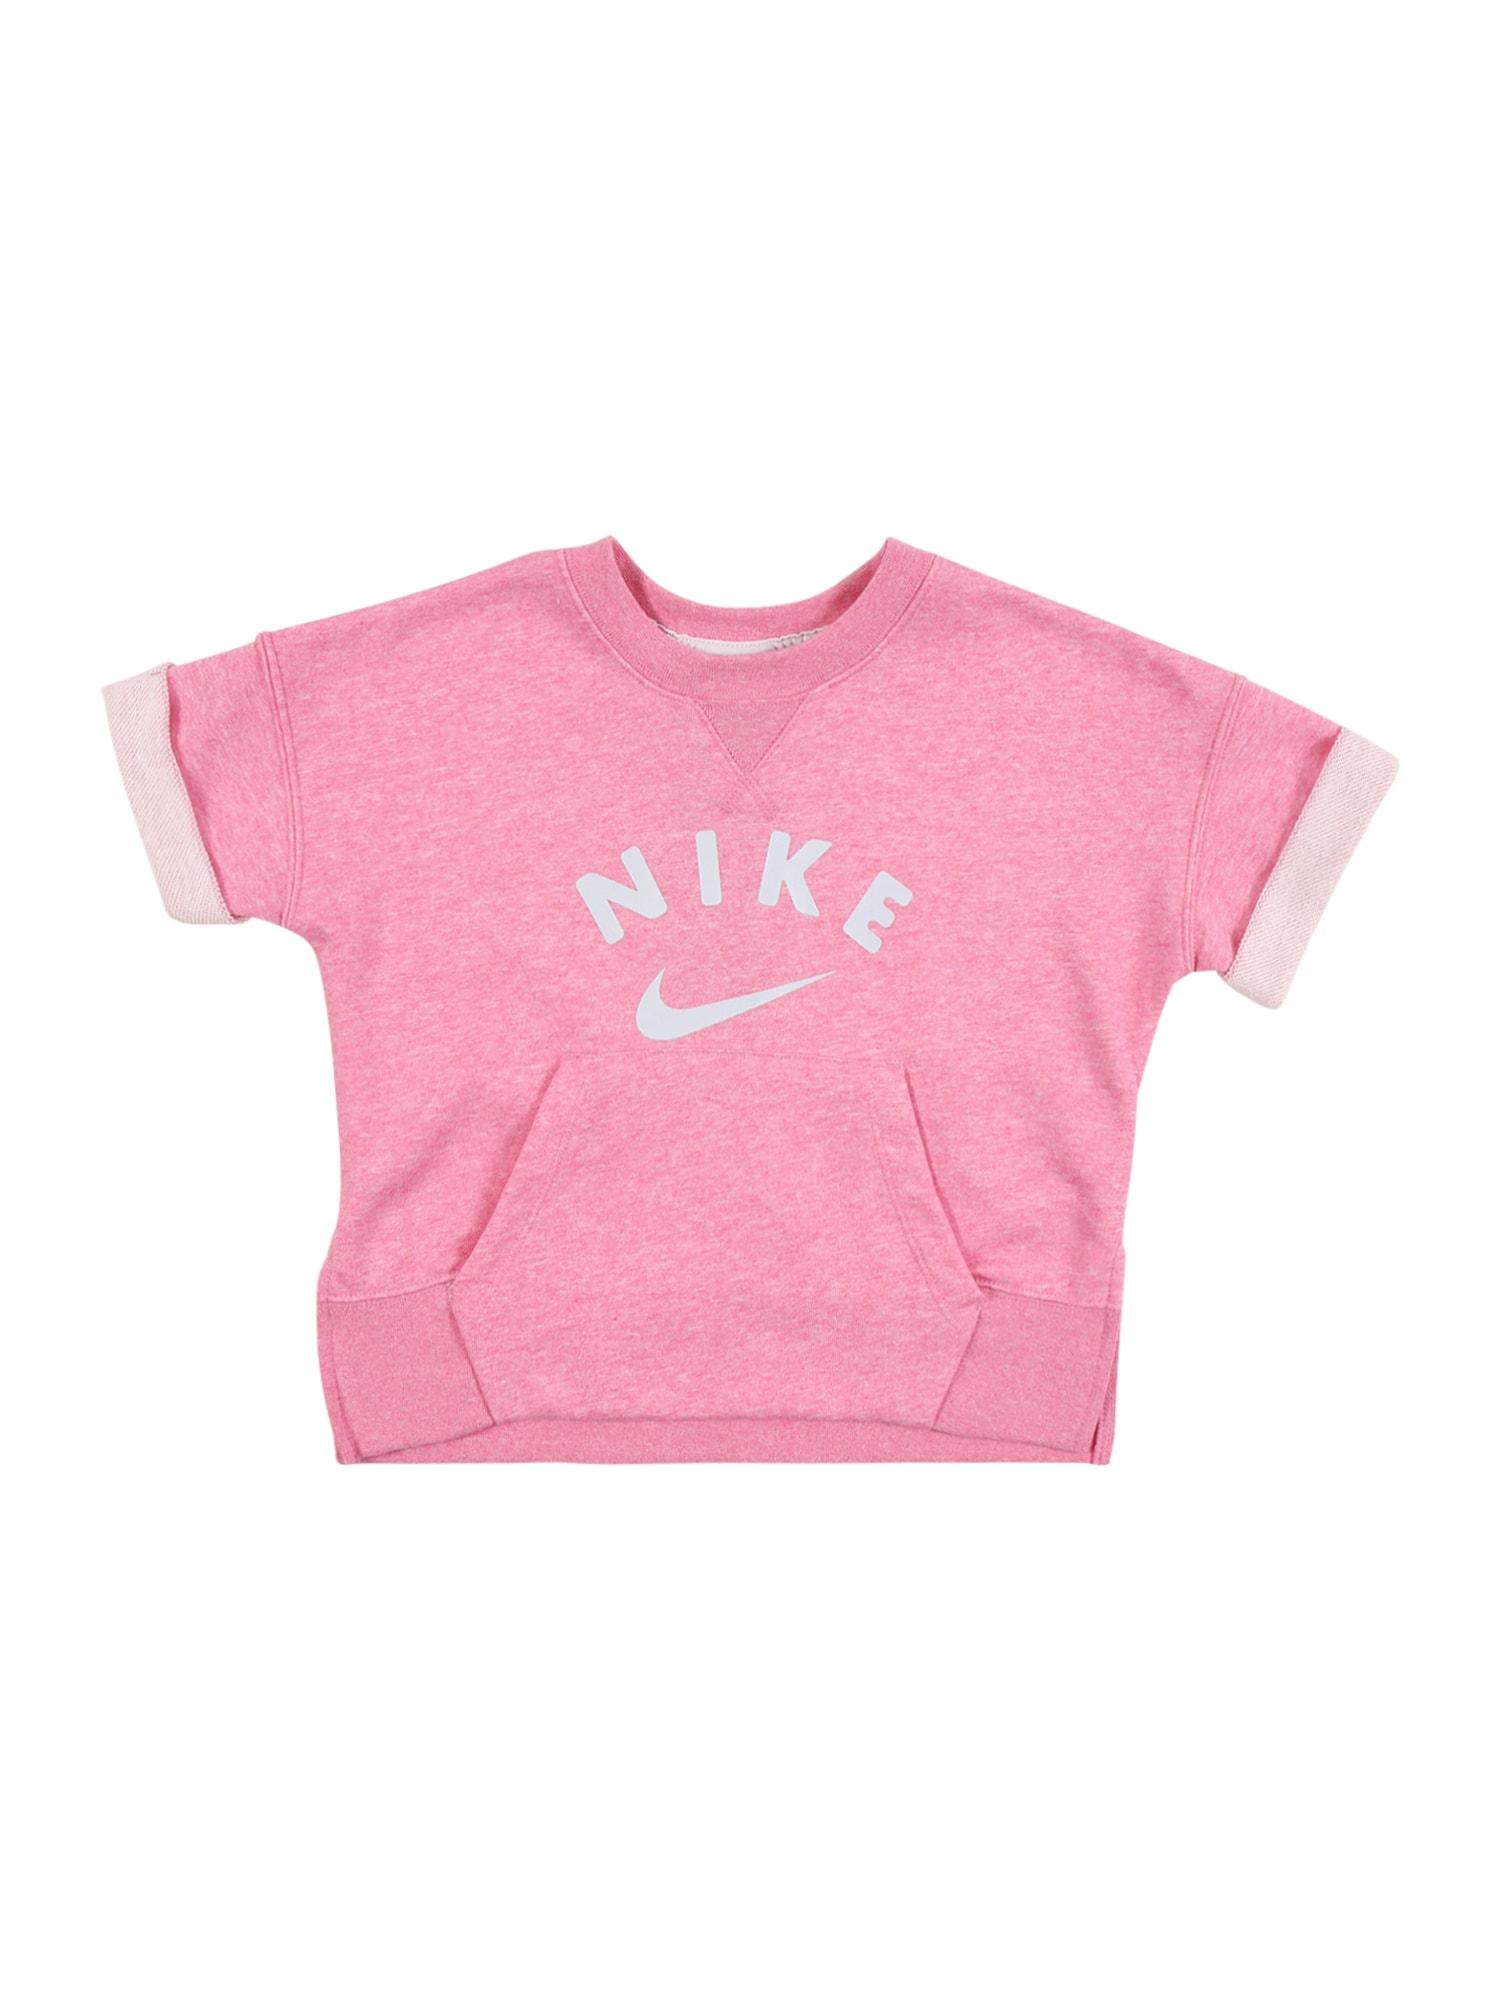 Nike Sportswear Tričko  růžový melír / světle růžová